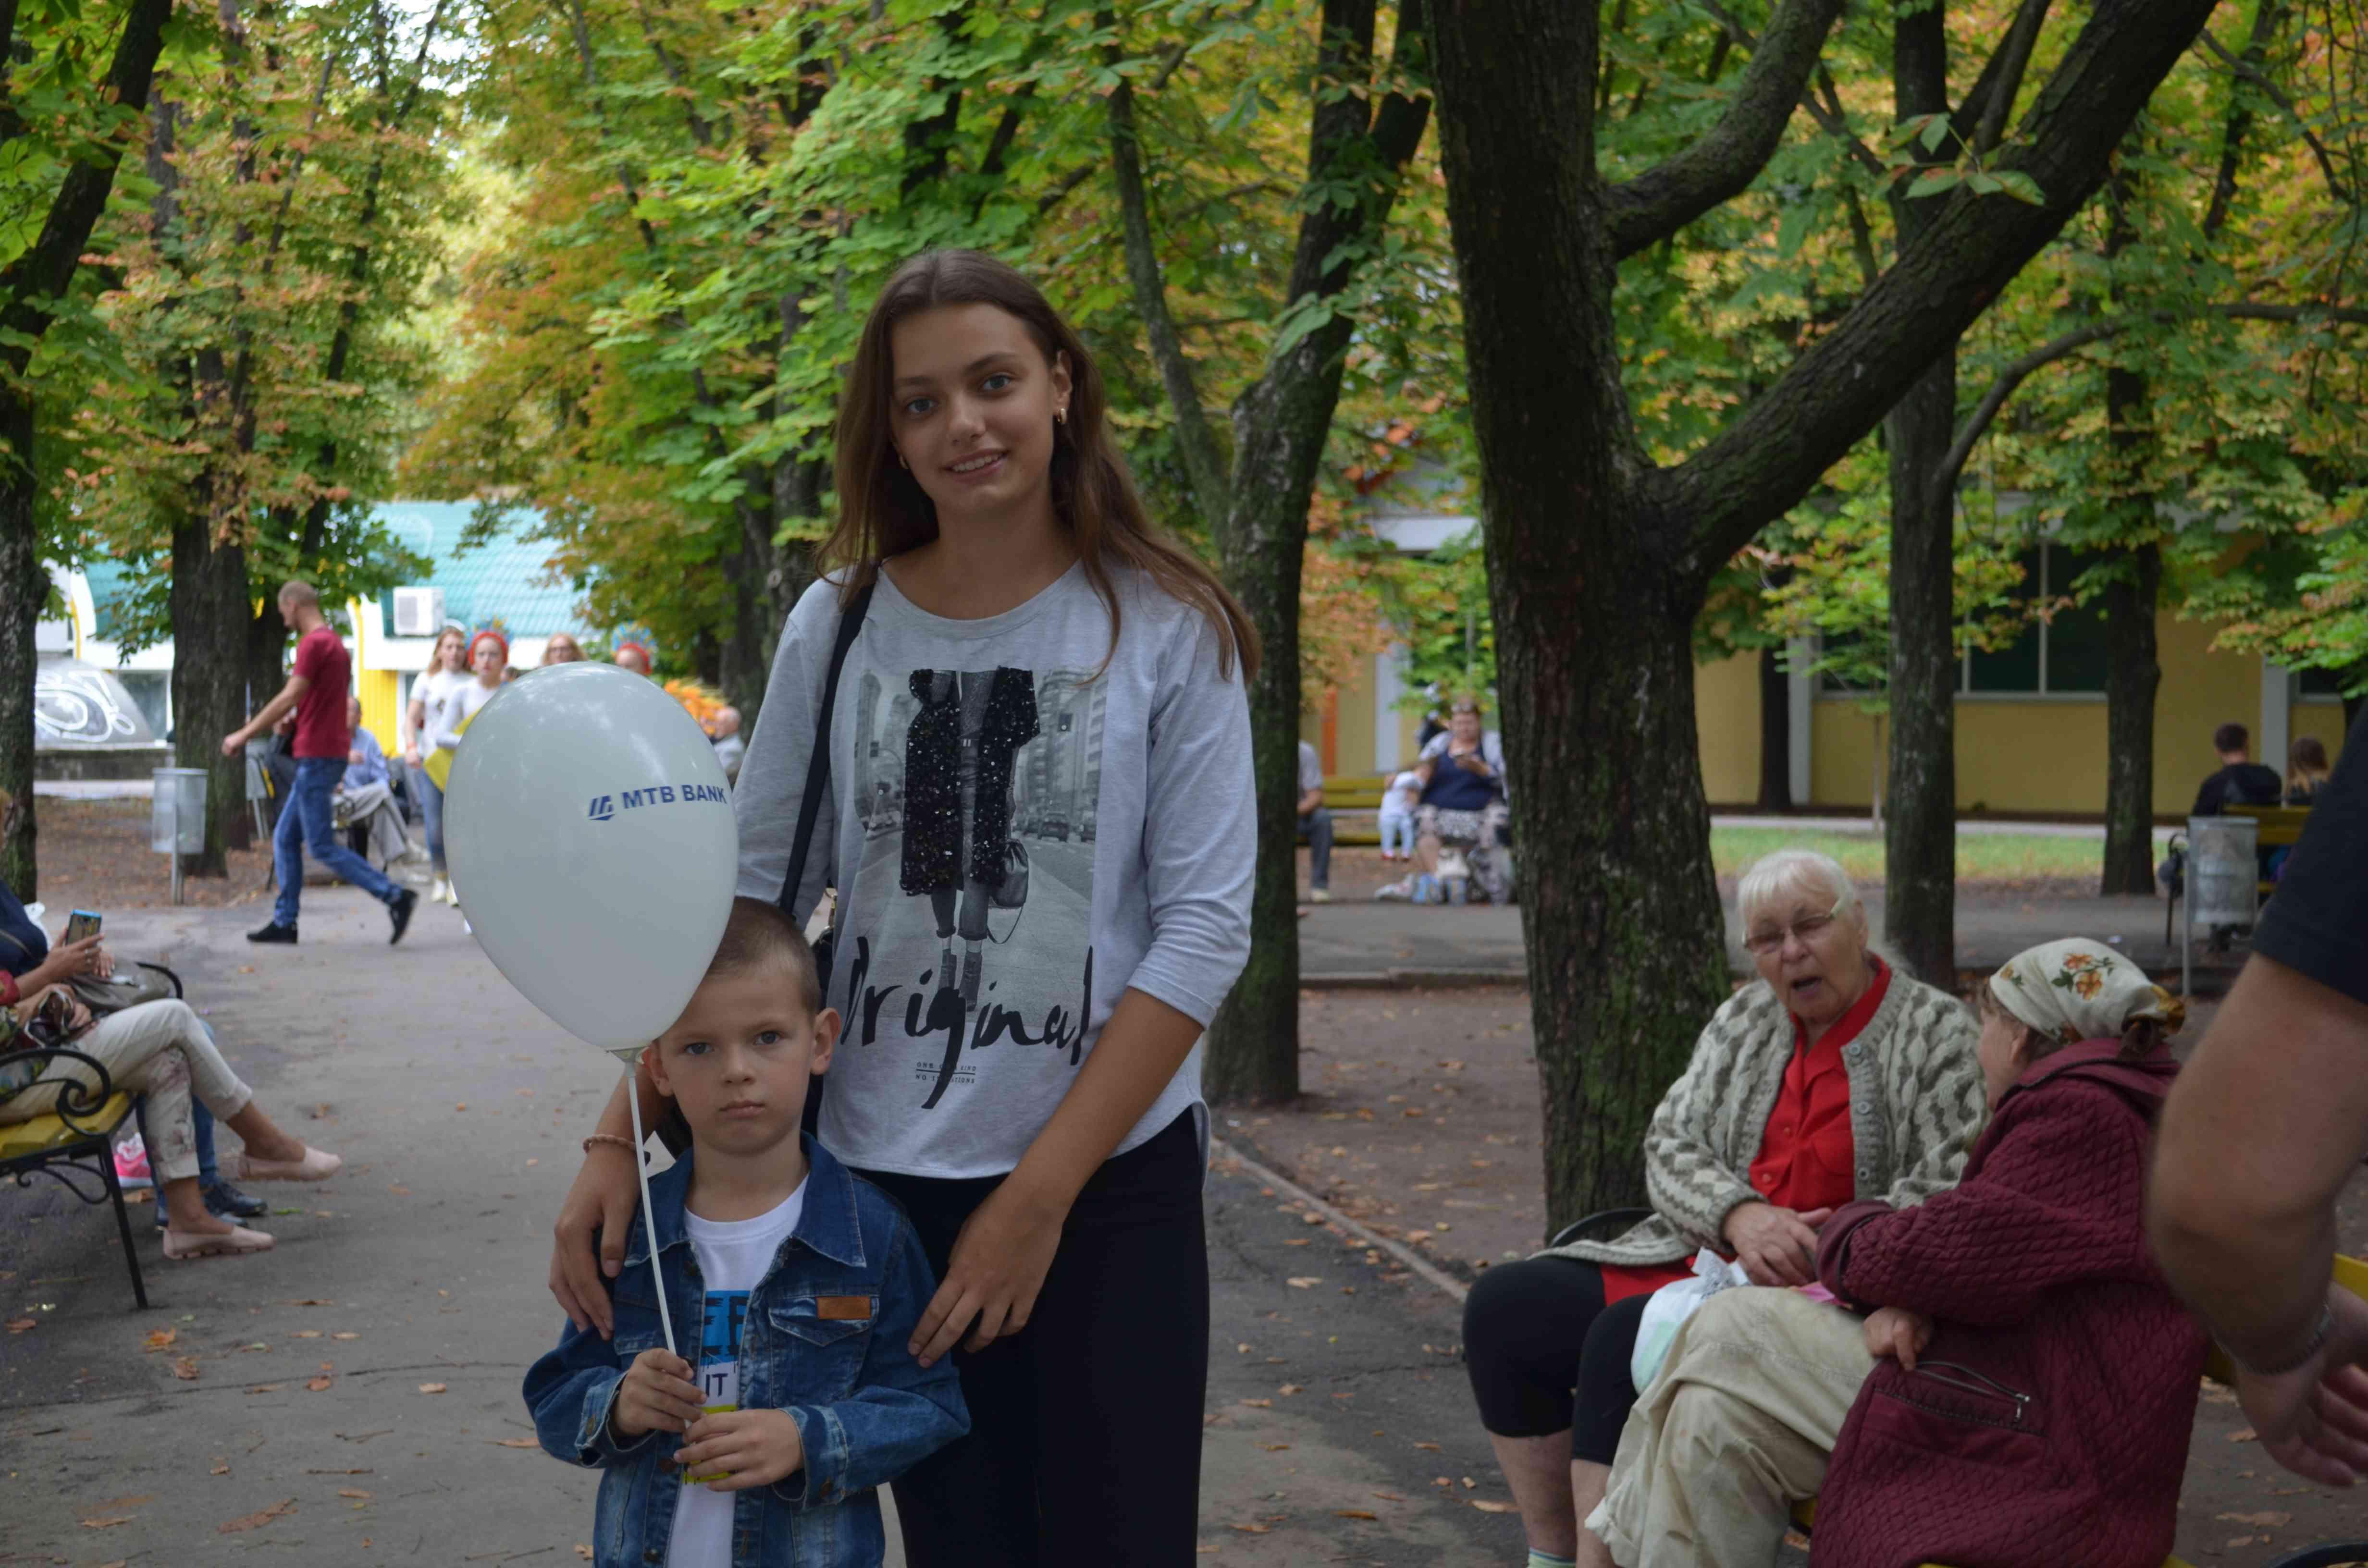 ПОДАРУНКИ ГОРОДЯНАМ ВІД МТБ БАНКу - В ДЕНЬ НАРОДЖЕННЯ МИКОЛАЄВА - photo 4 - mtb.ua